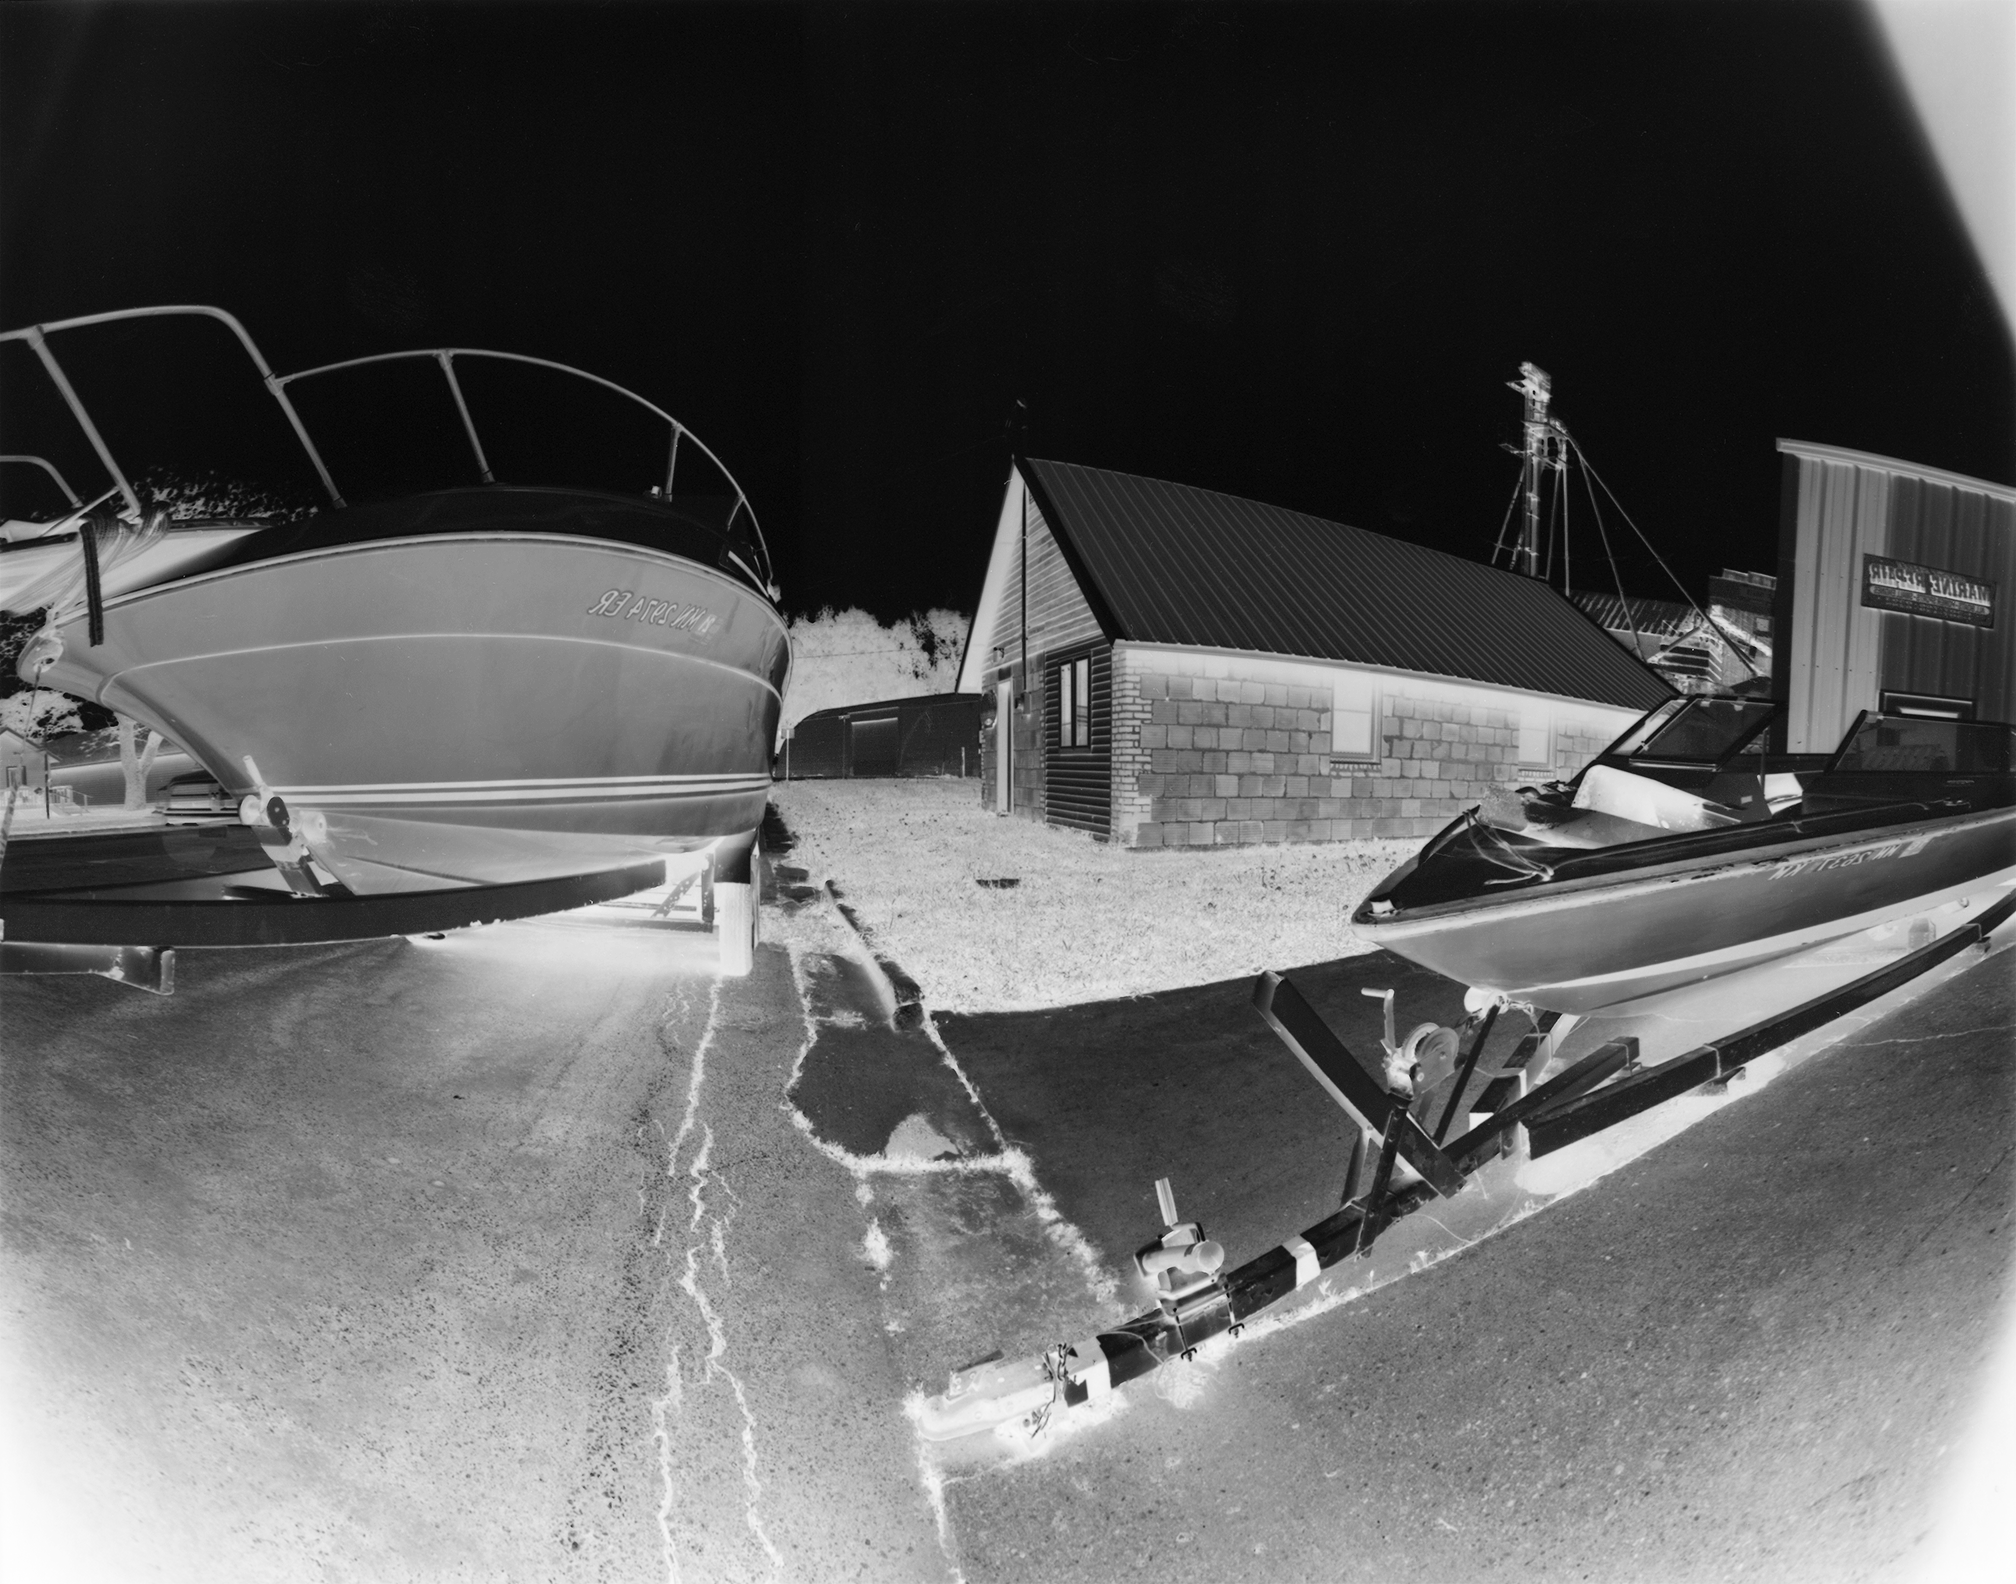 Lake Hanska - Boats: Lake Hanska township hall surrounded by boats.